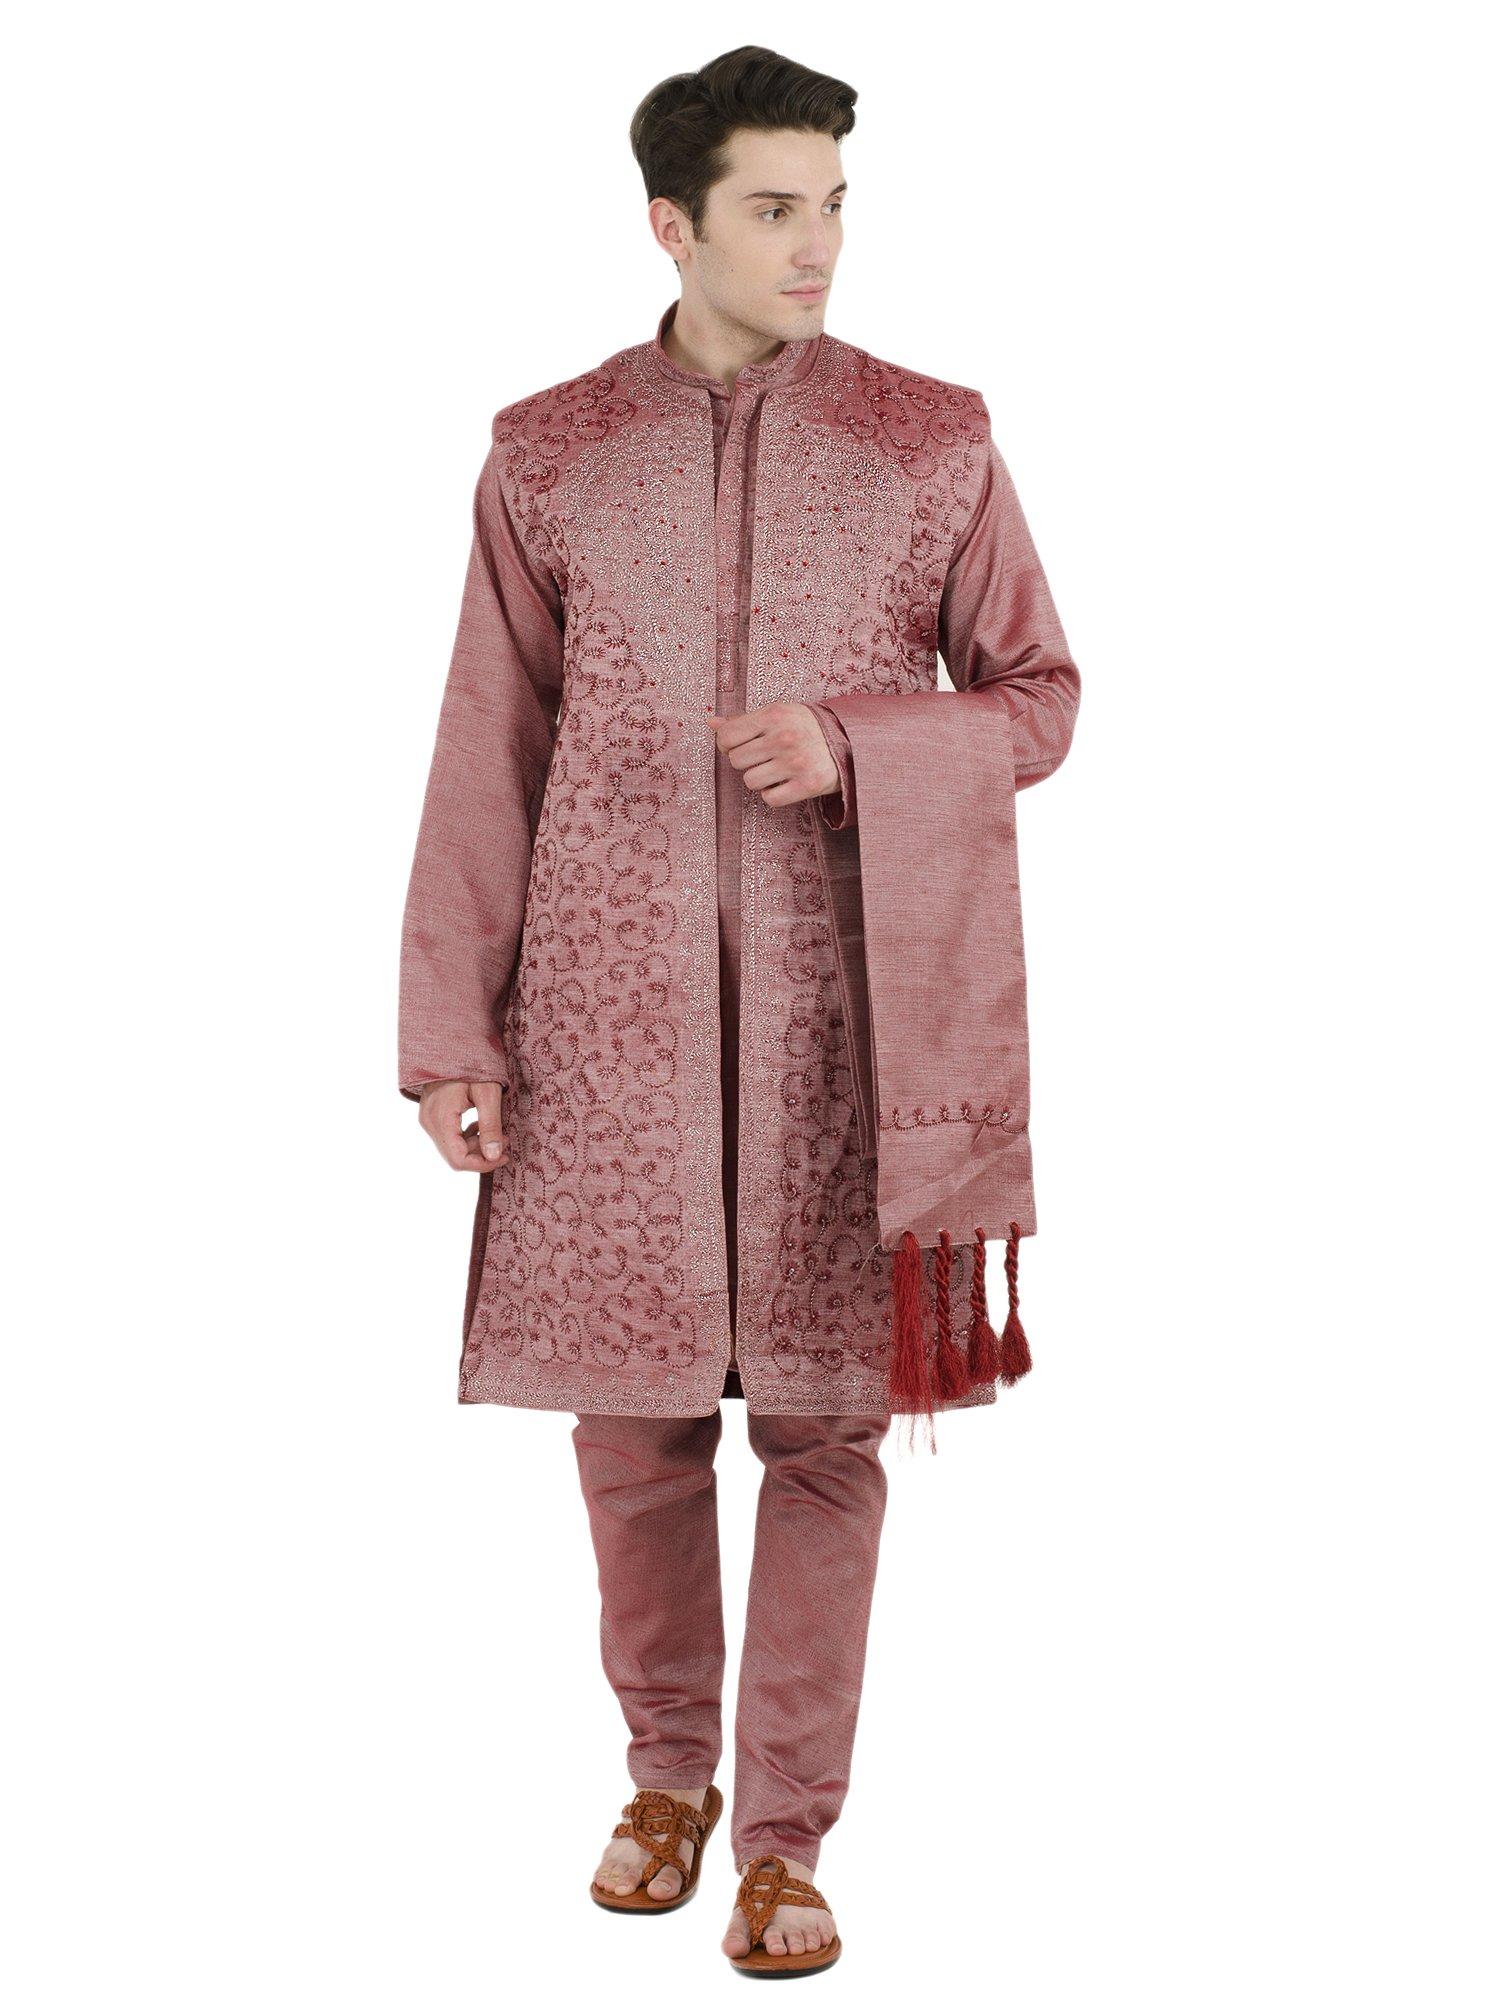 Kurta Pajama Indian 4-Pieces Wedding Party Dress Pink Long Sleeve Button Down Shirt Clothes -XL